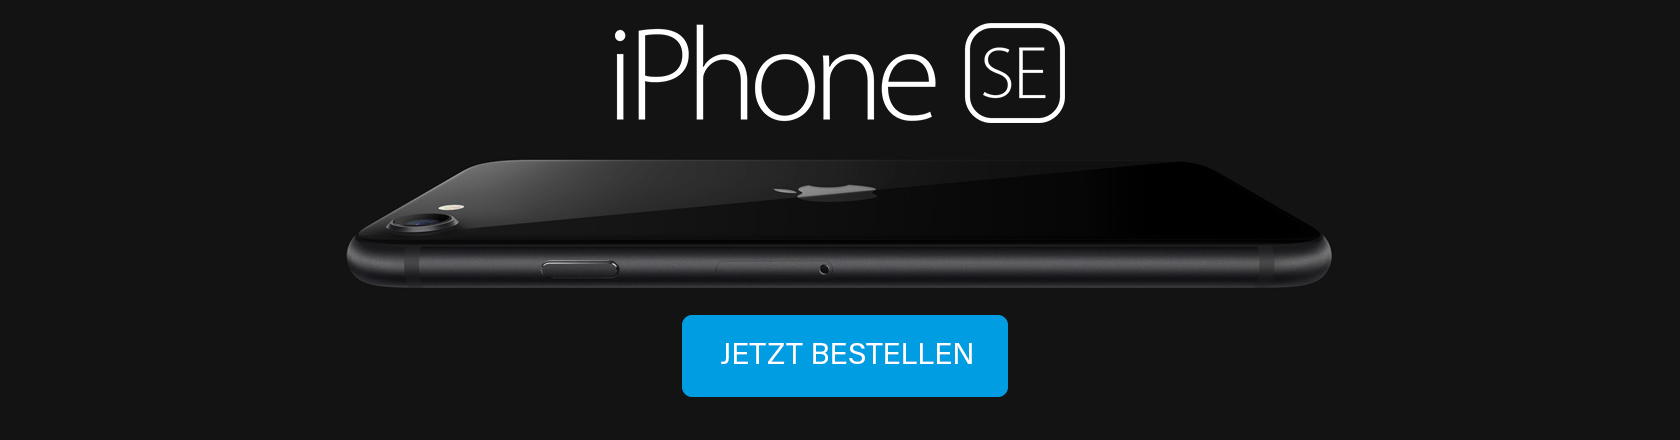 _iPhoneSE_Bestellen